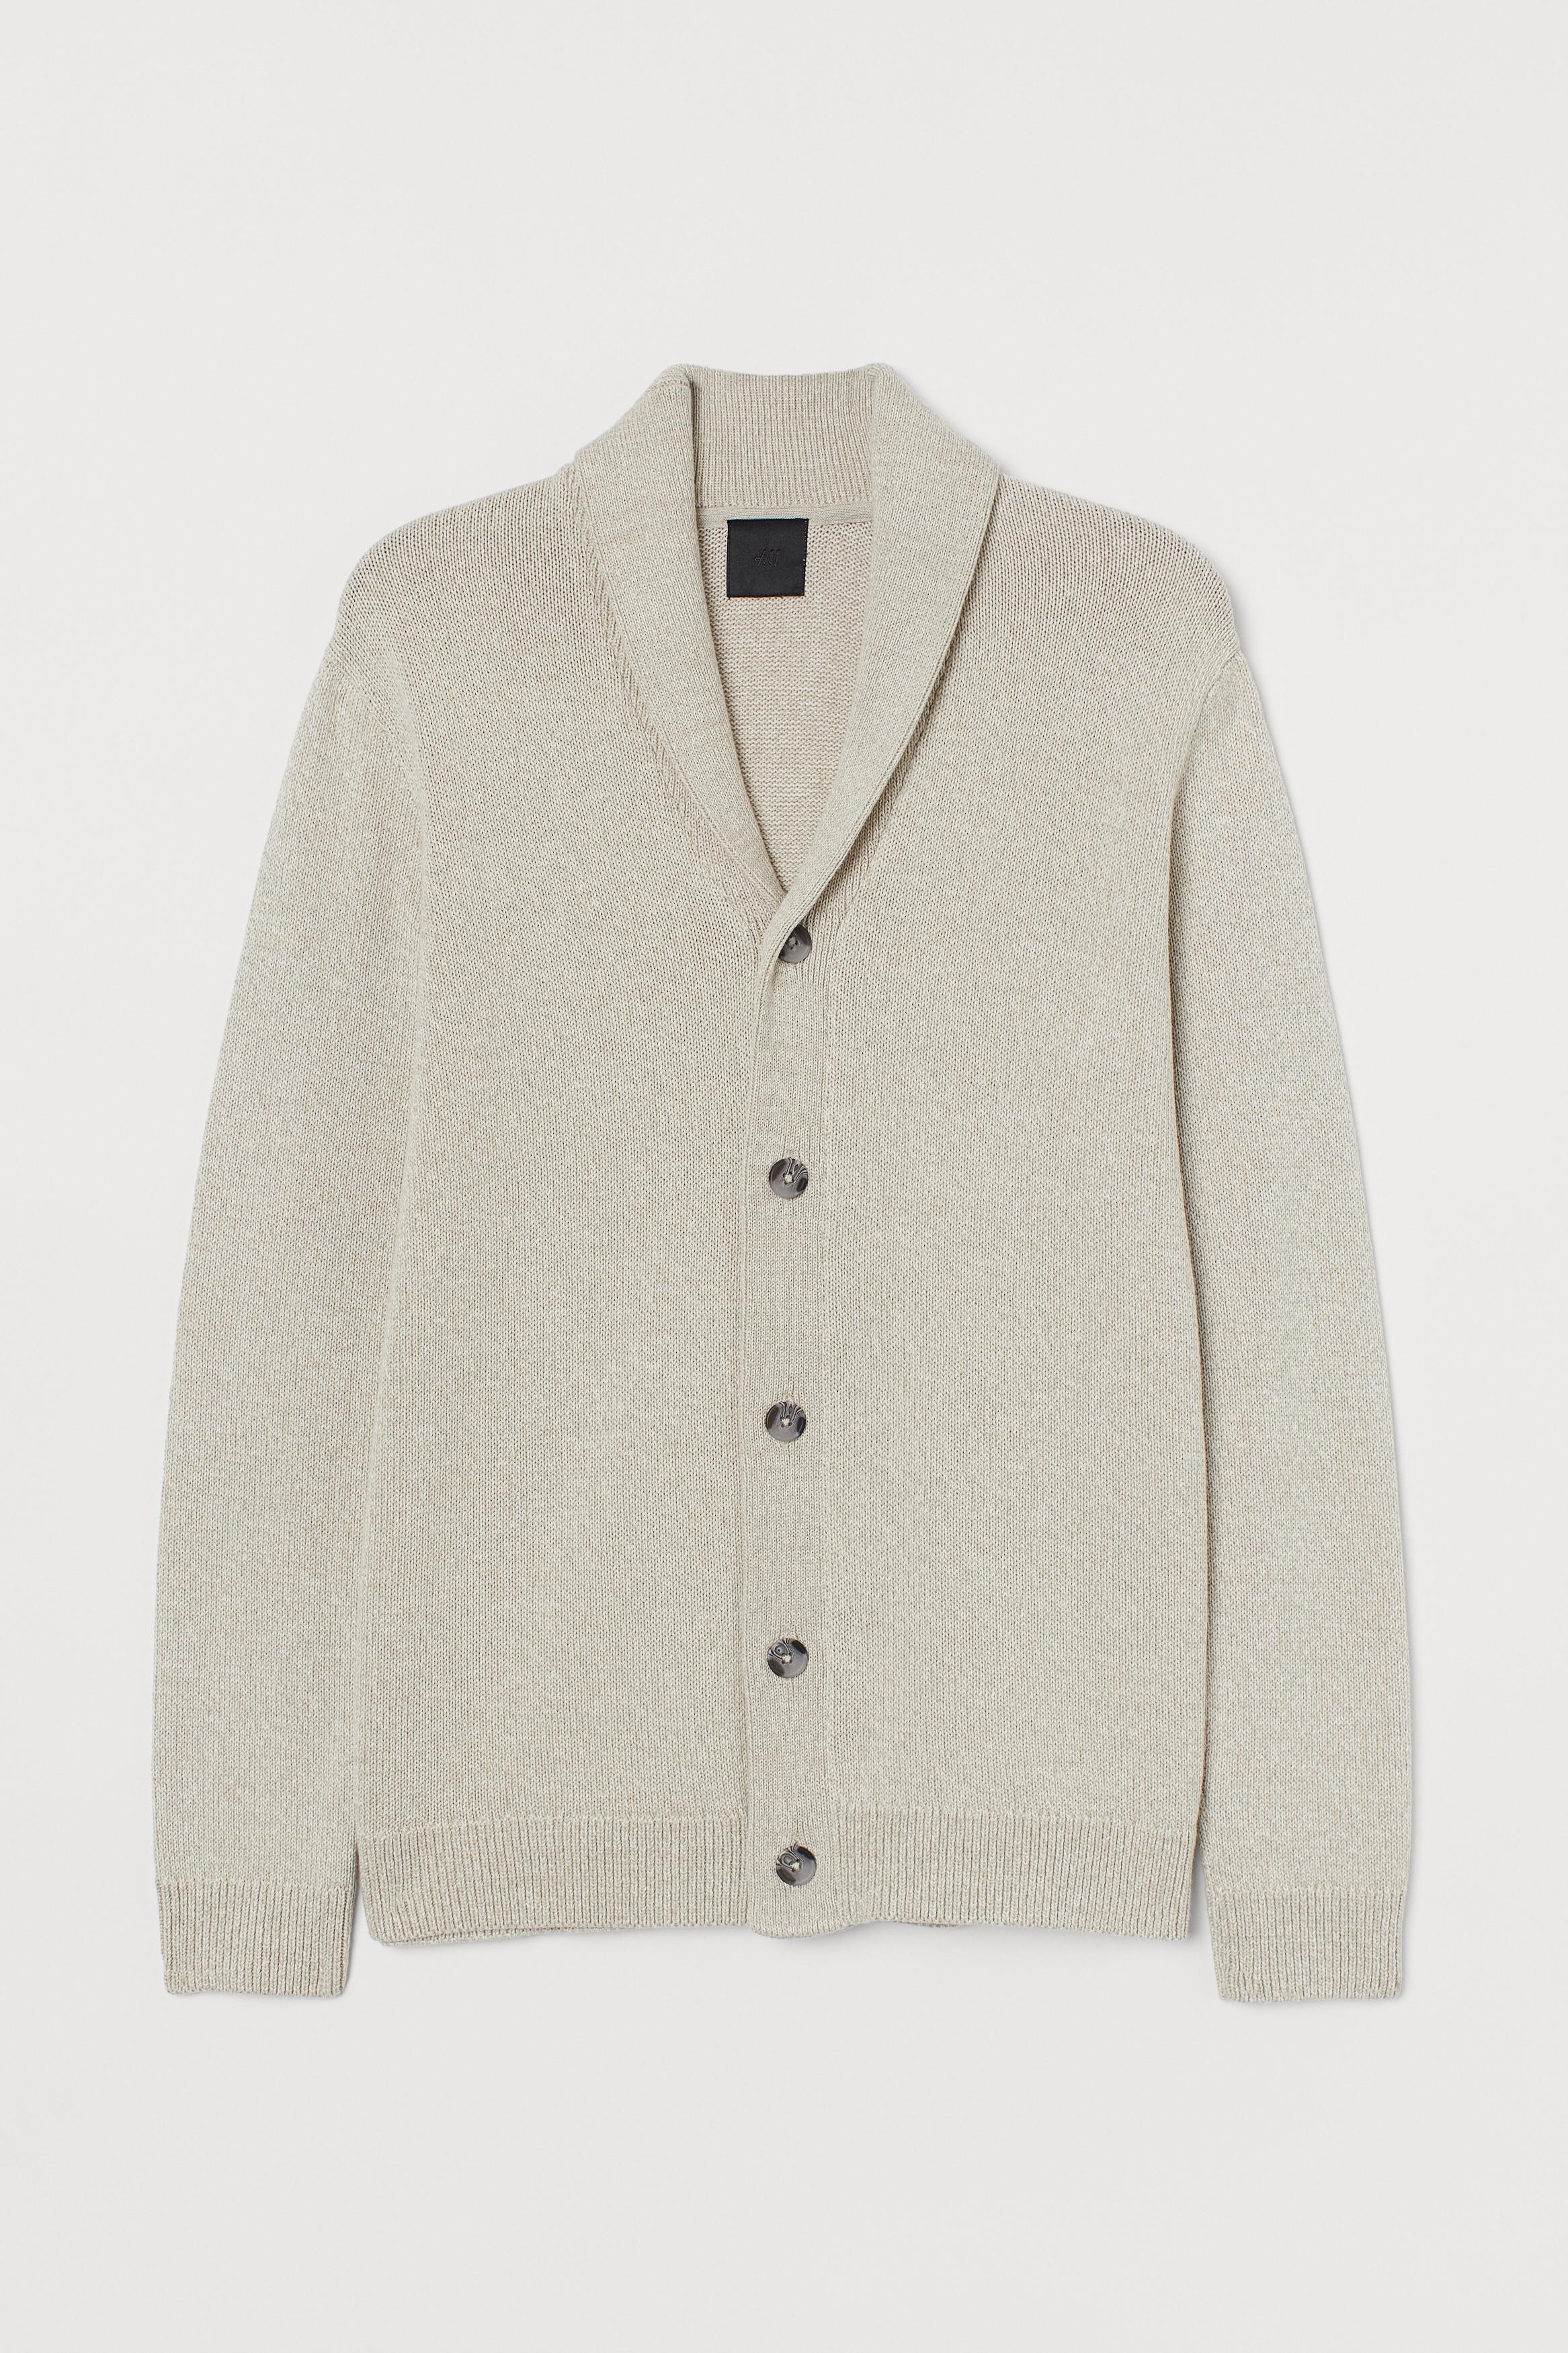 H&M sweater VoucherCodesUAE